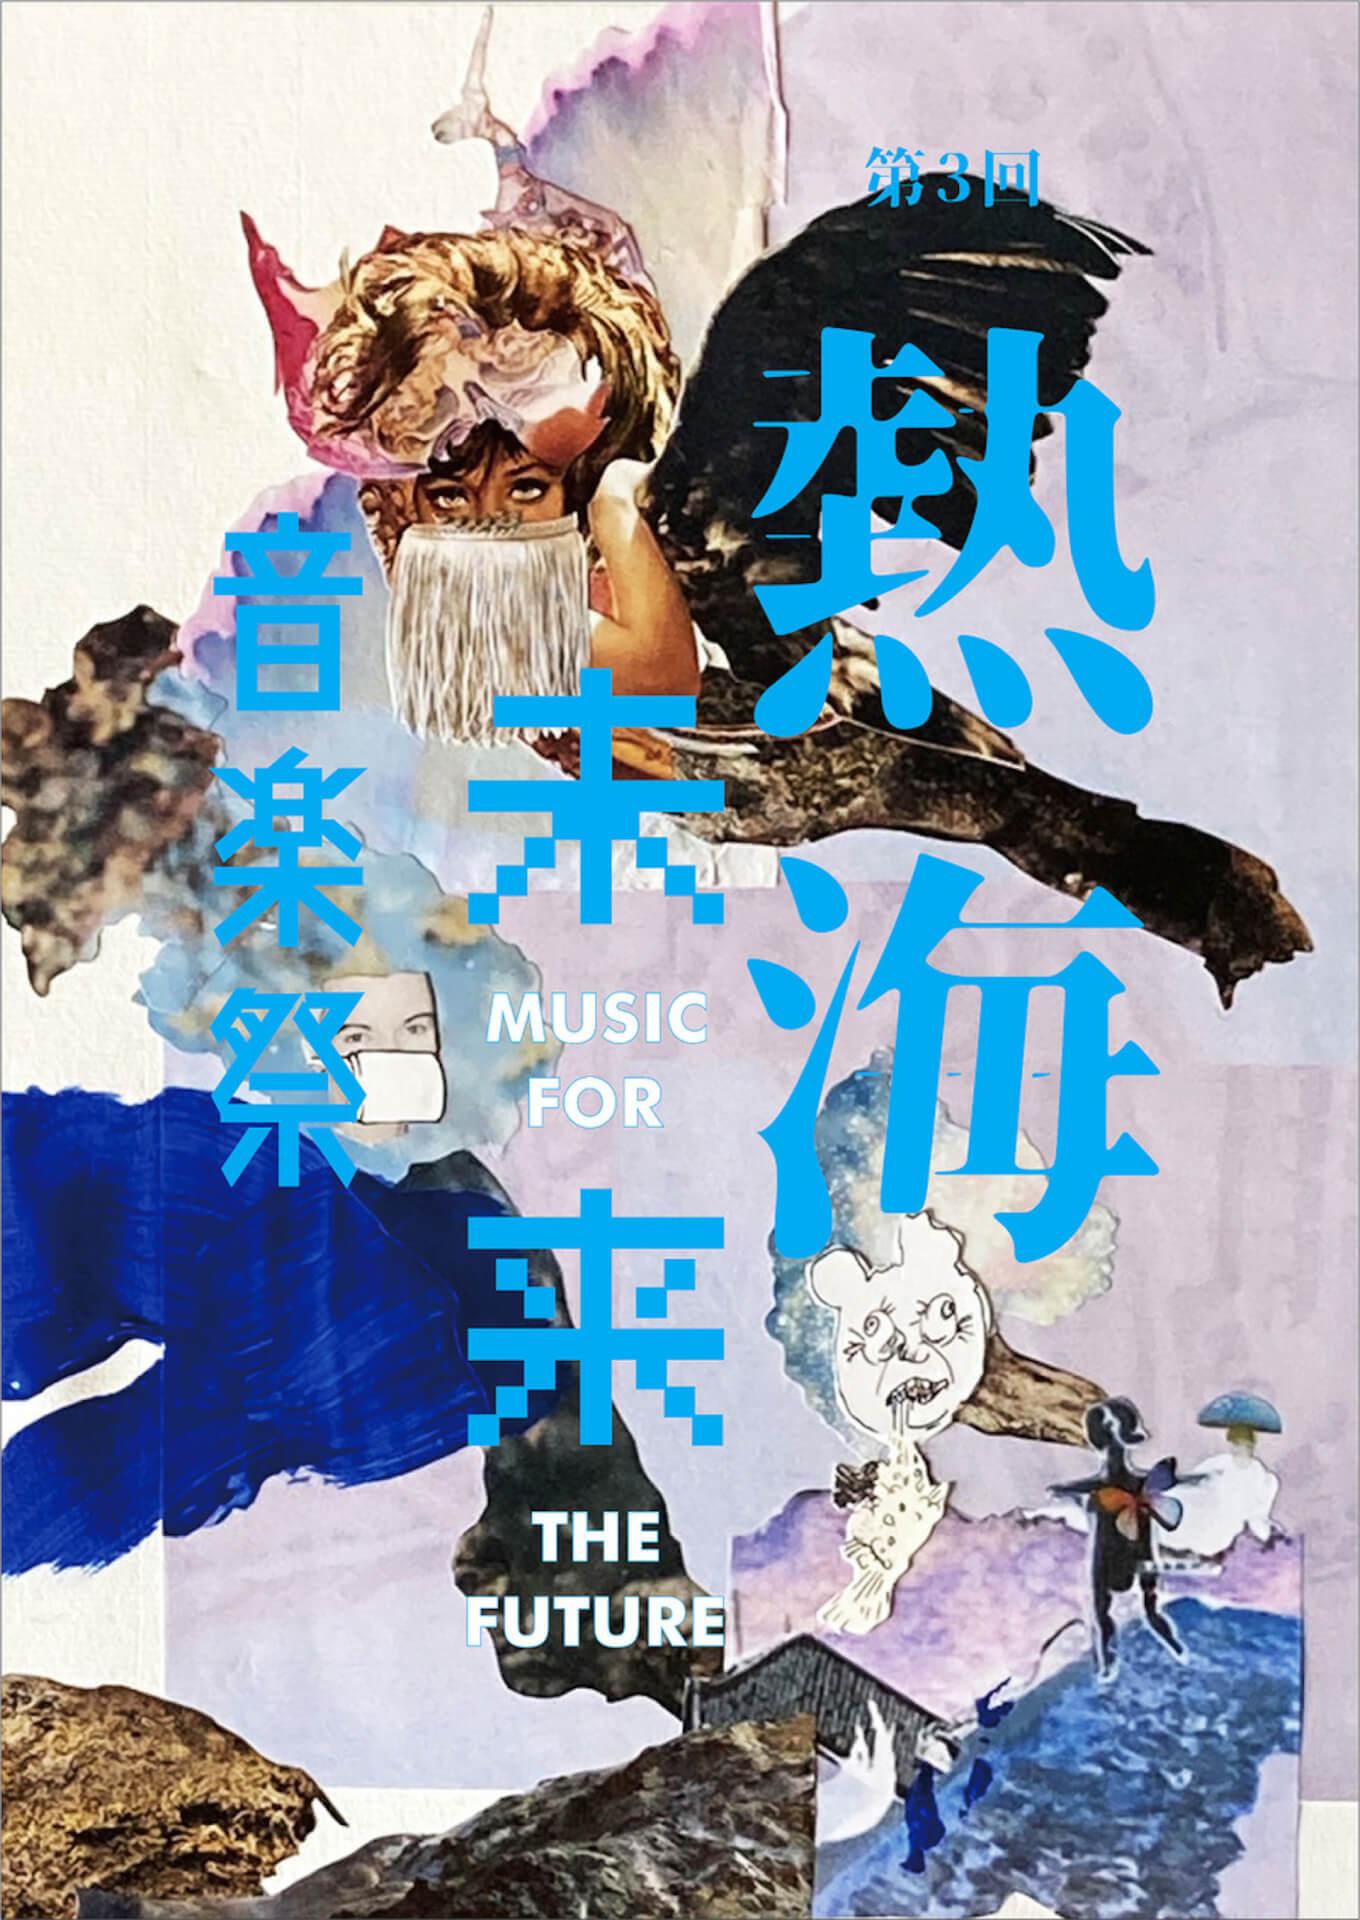 巻上公一プロデュースによる<第3回熱海未来音楽祭>が開催!配信チケットの販売も art211013_atami-fes-main